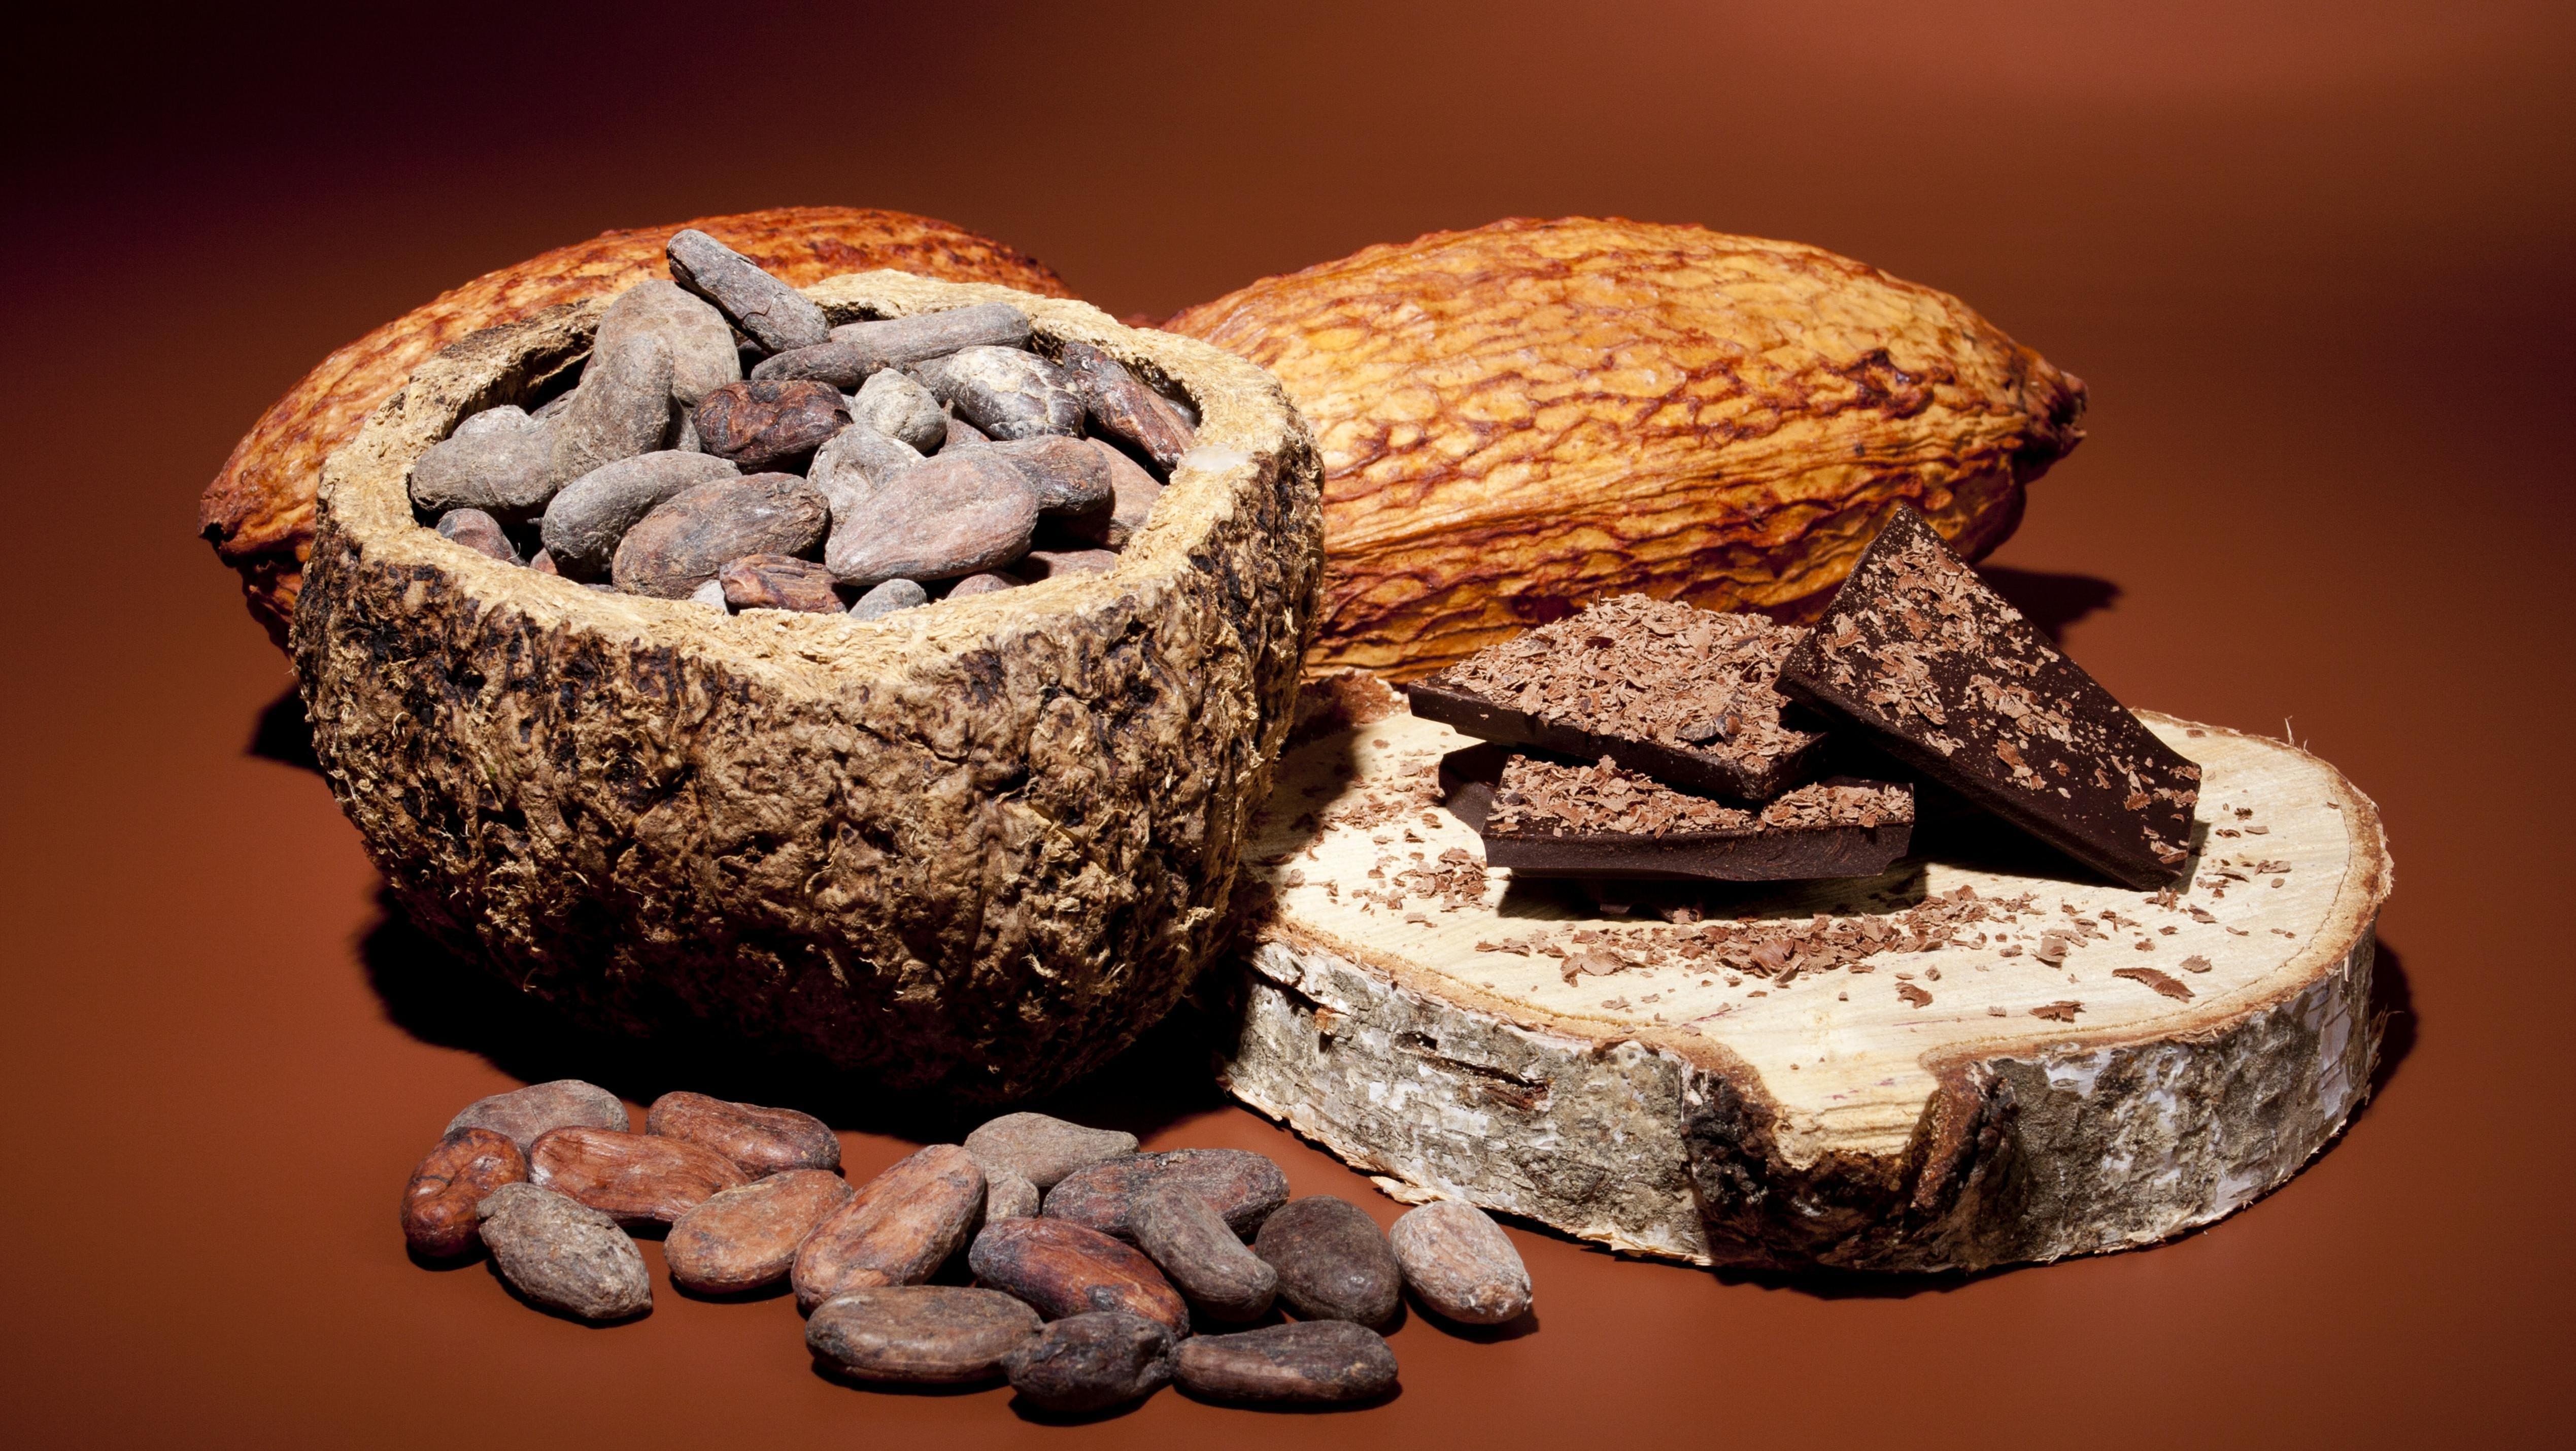 Kakaobohnen, Kakaofrucht und dunkle Schokolade - eine perfekte Mischung.